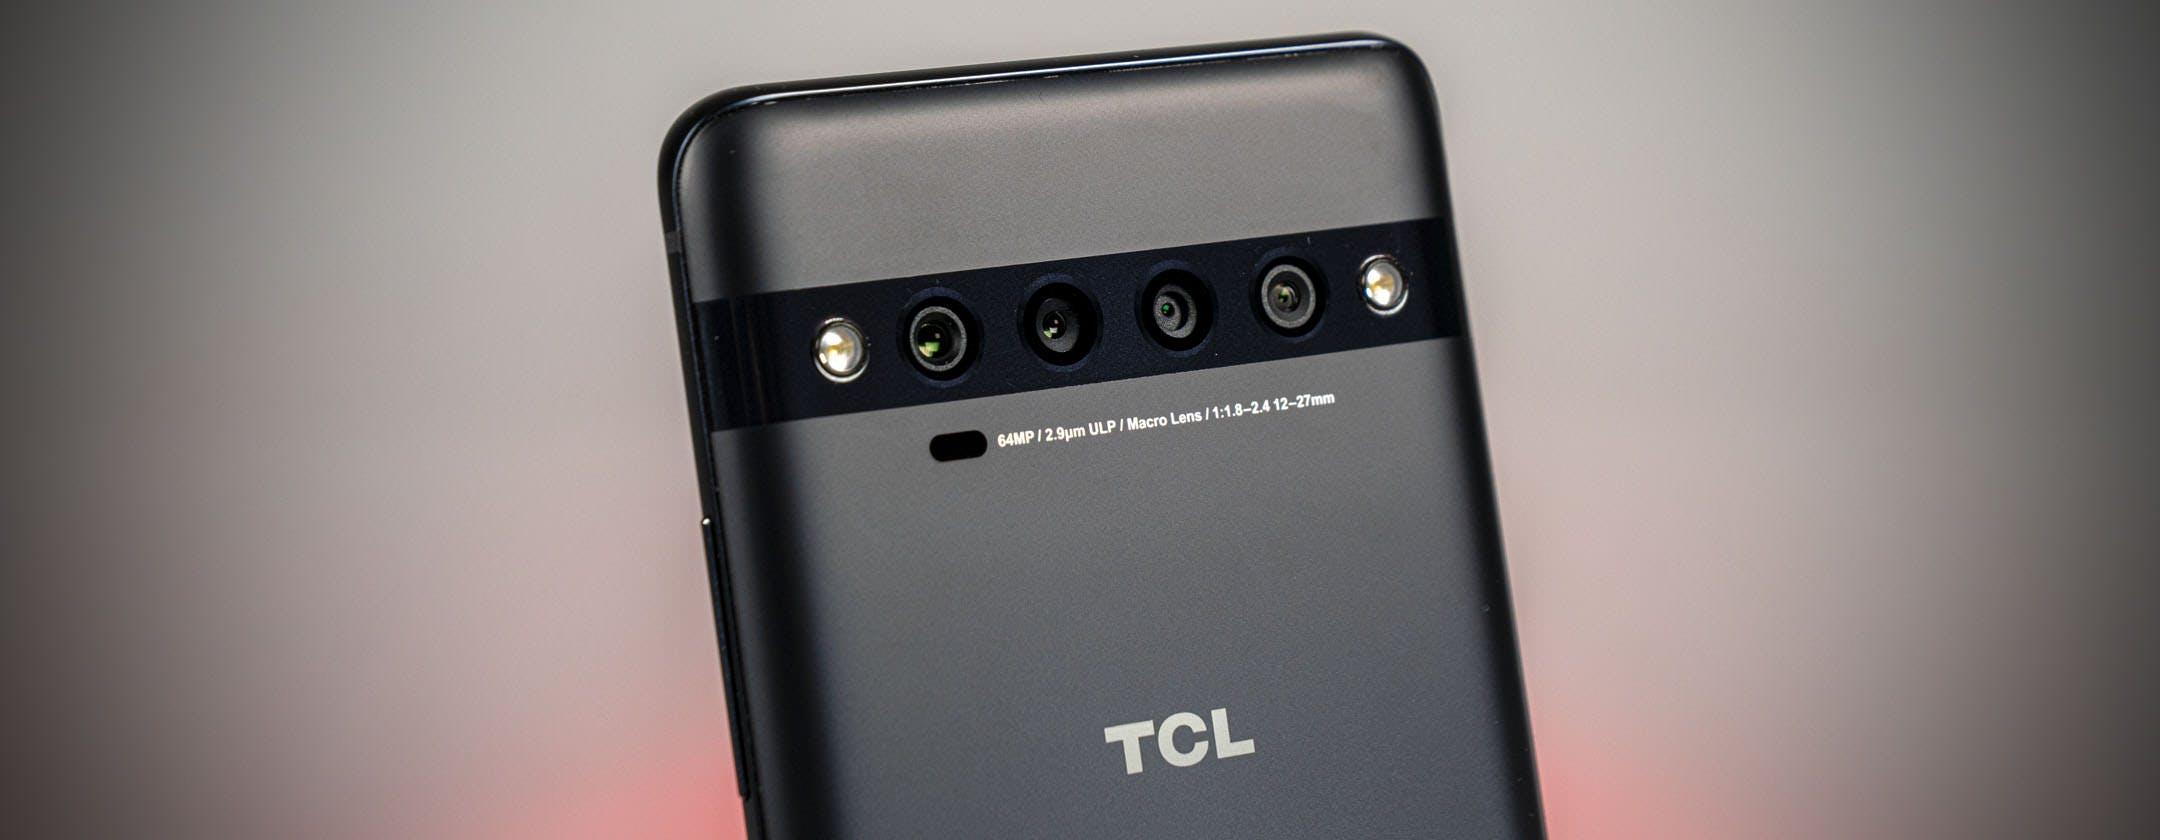 TCL 10 Pro, la recensione. Ottimo display, design curato e prestazioni nella media: ma 499 euro sono troppi